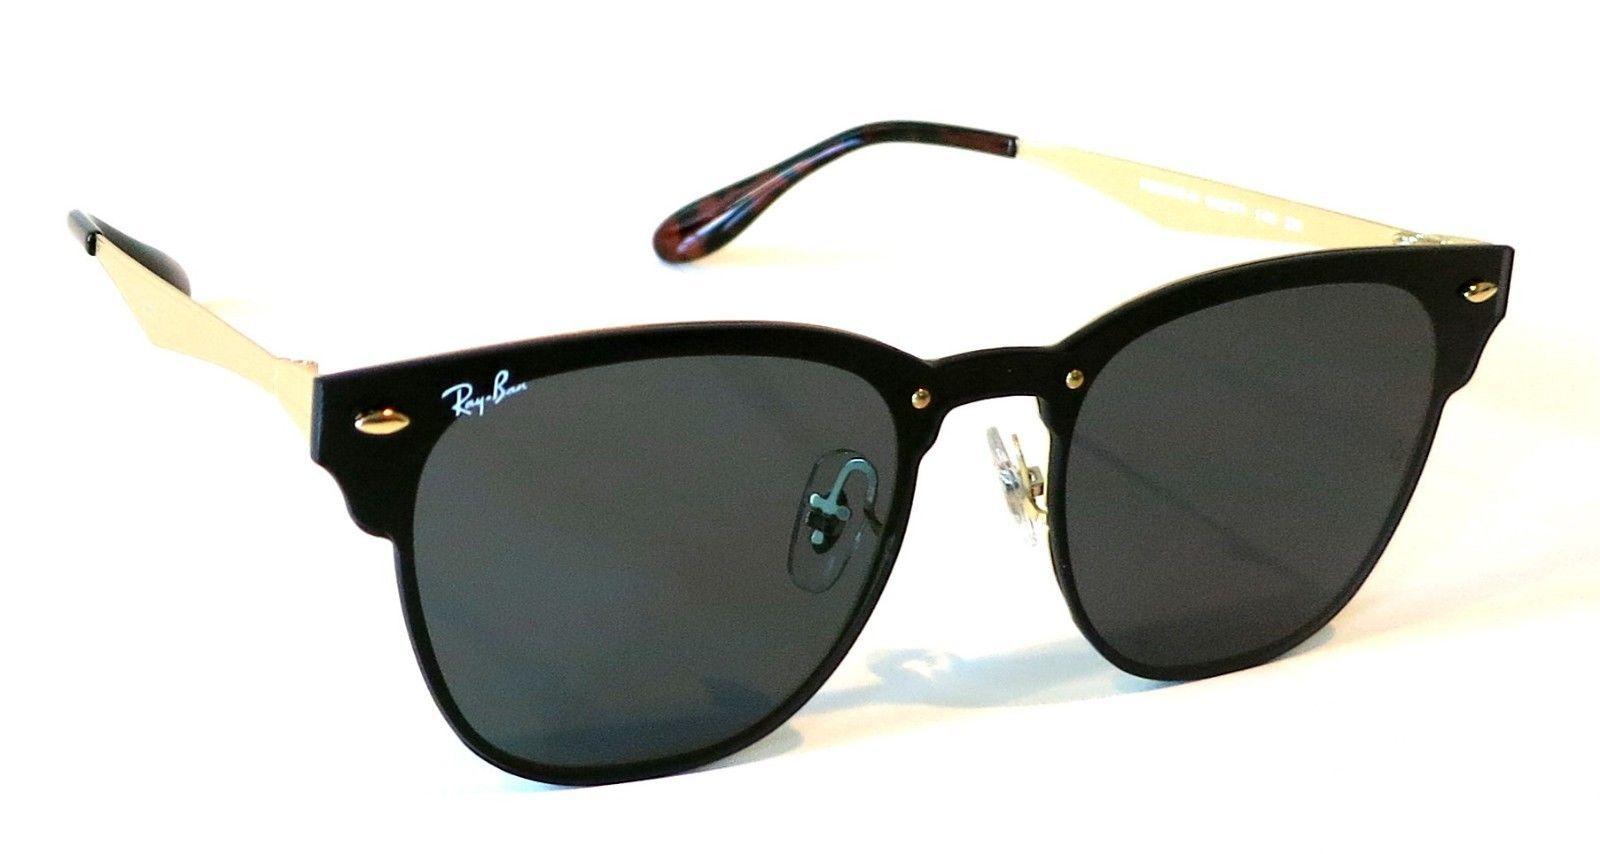 2b0f29af6e Rayban Blaze Clubmaster Sunglasses RB3576N 043 71 Black Gold Green Club 3576